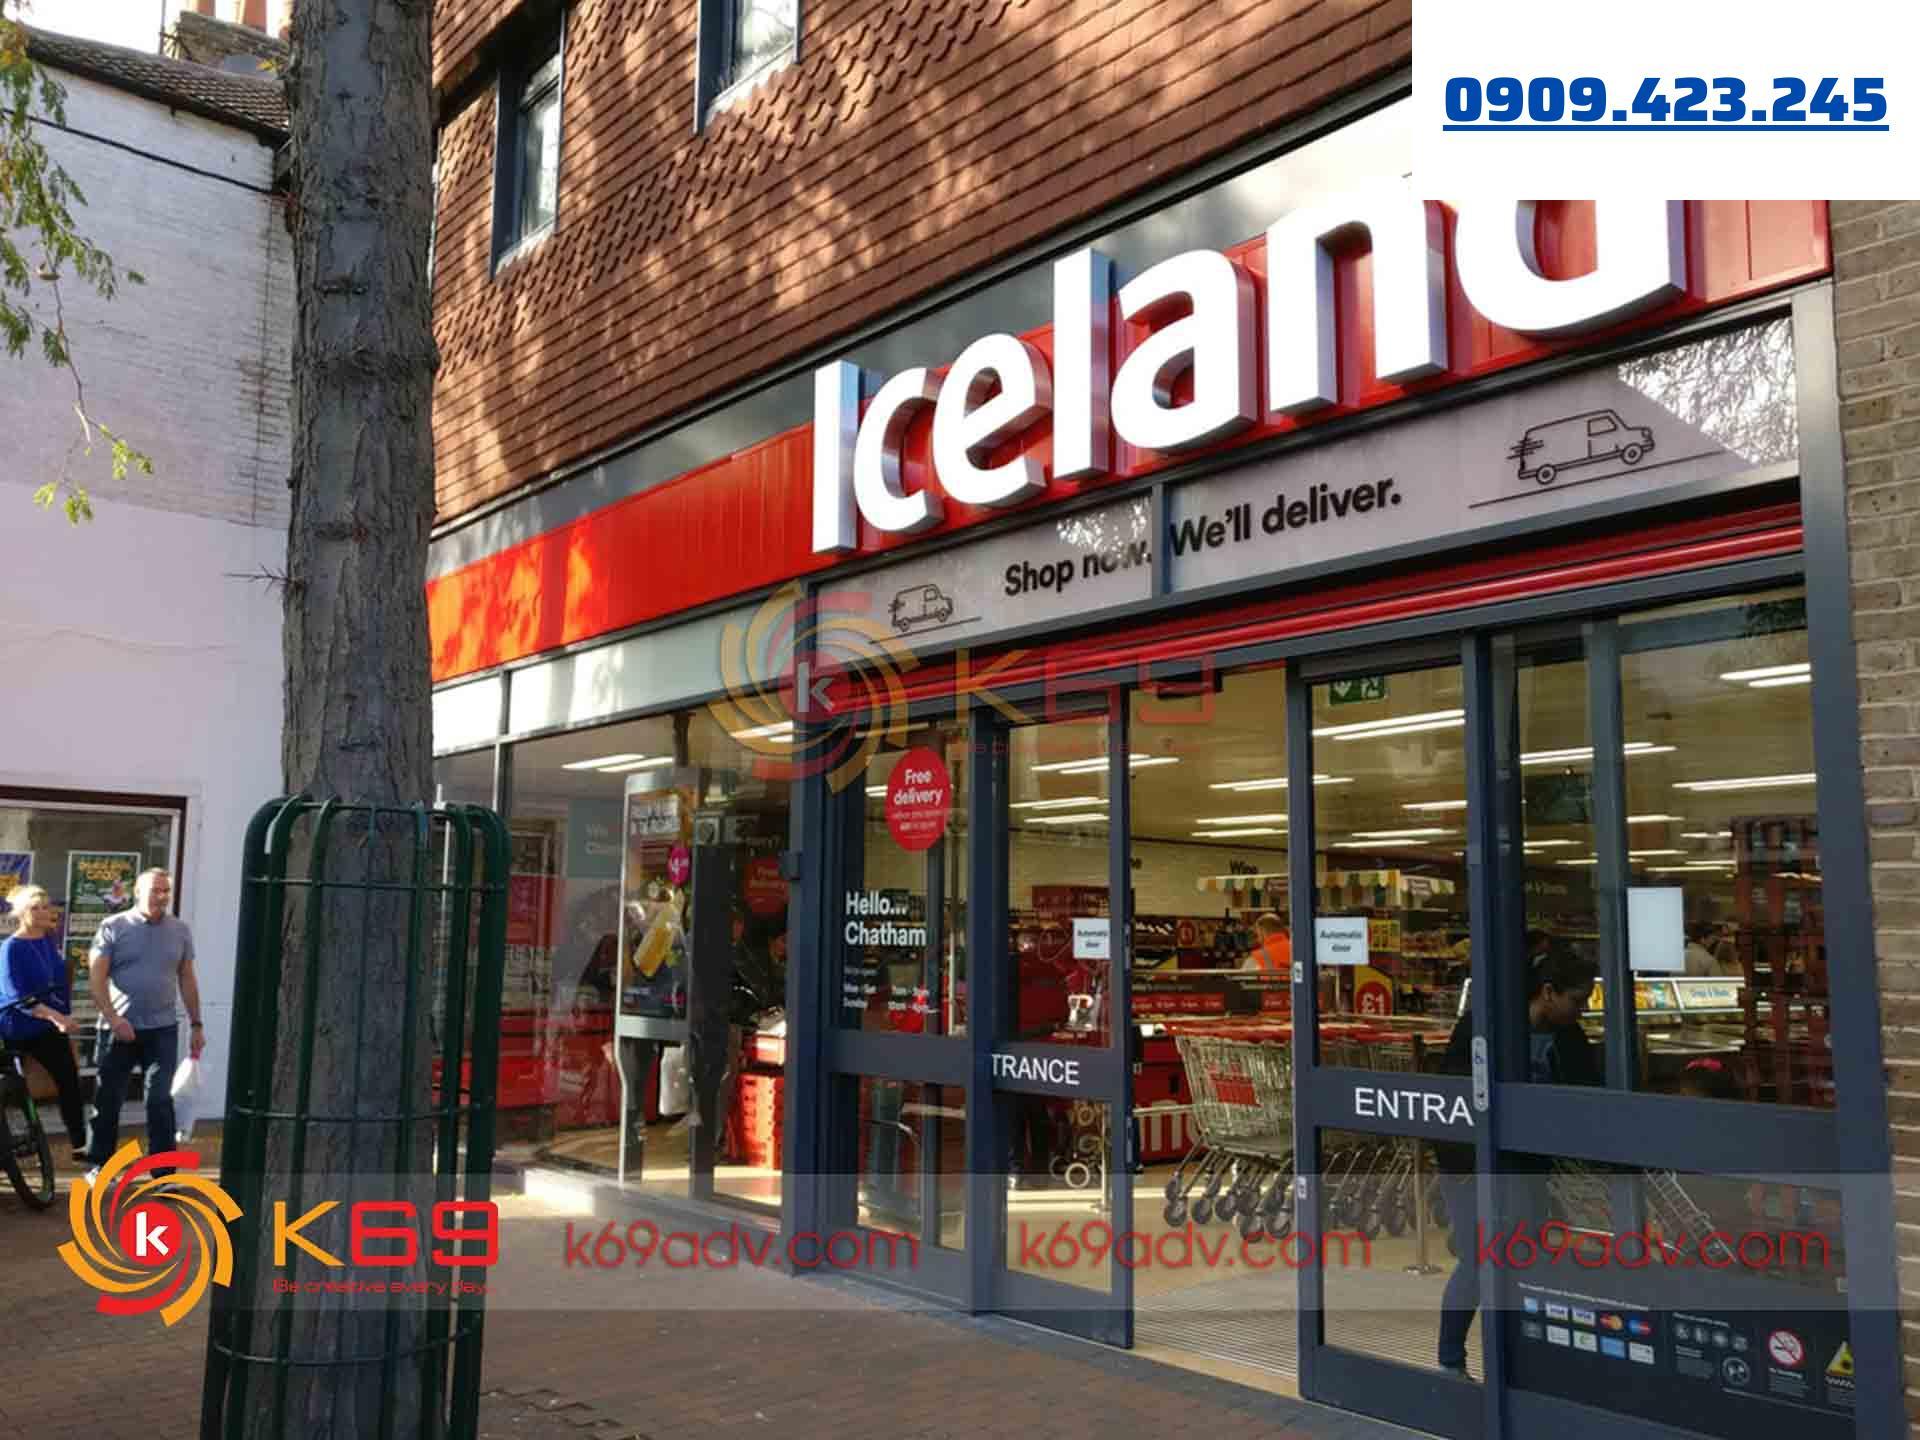 Làm bảng hiệu tại quận 7 Iceland tại K69adv